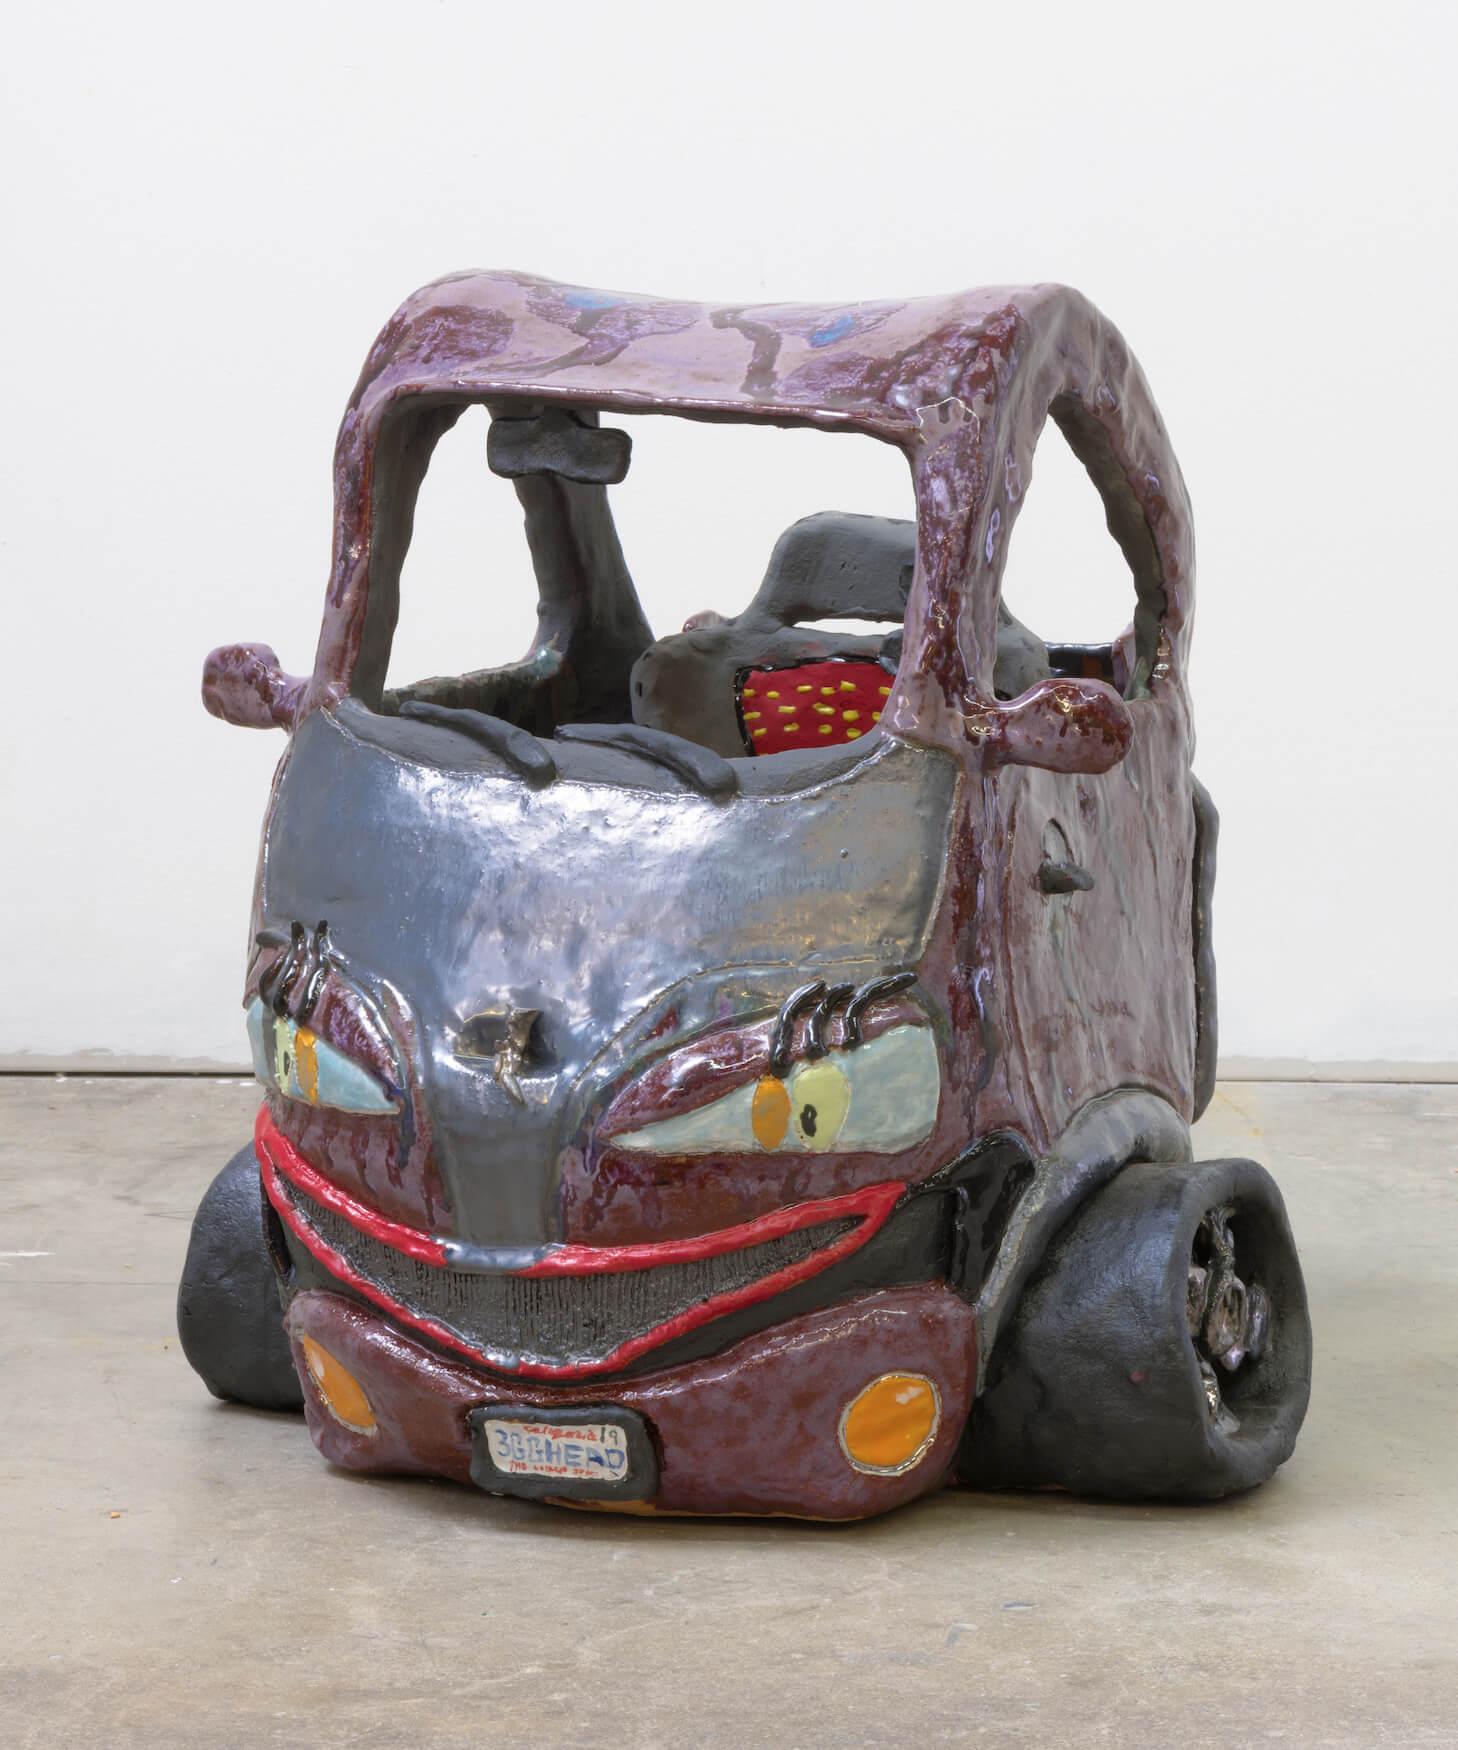 Farrag, 93 CRX Buggy, 2019 (SF 19.044) A